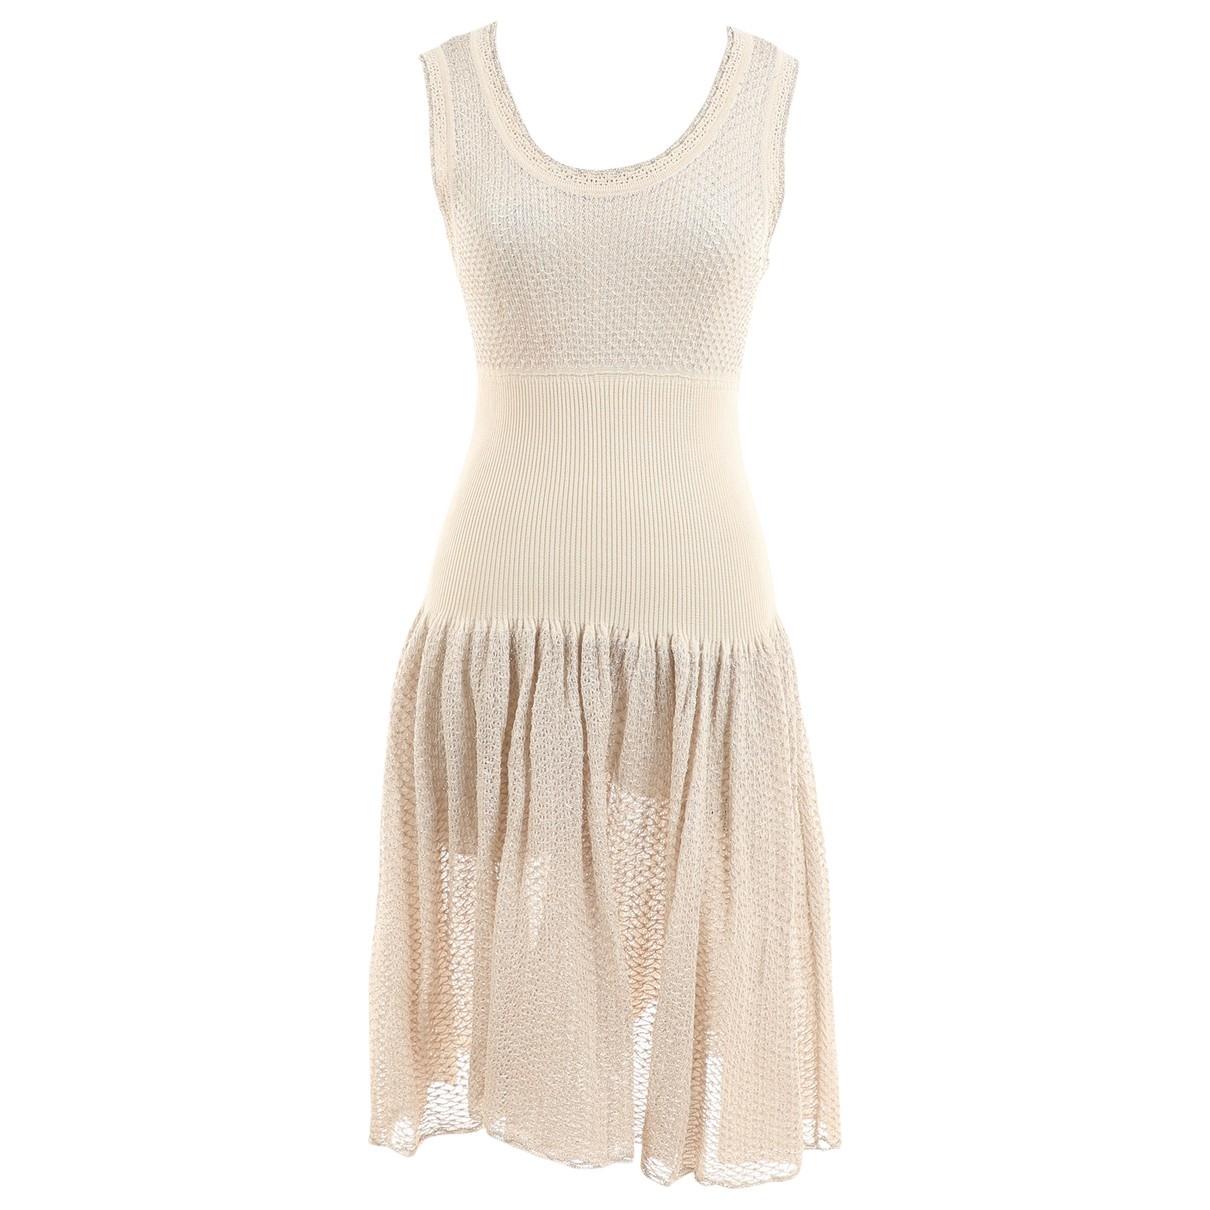 Alaia \N Kleid in  Beige Viskose